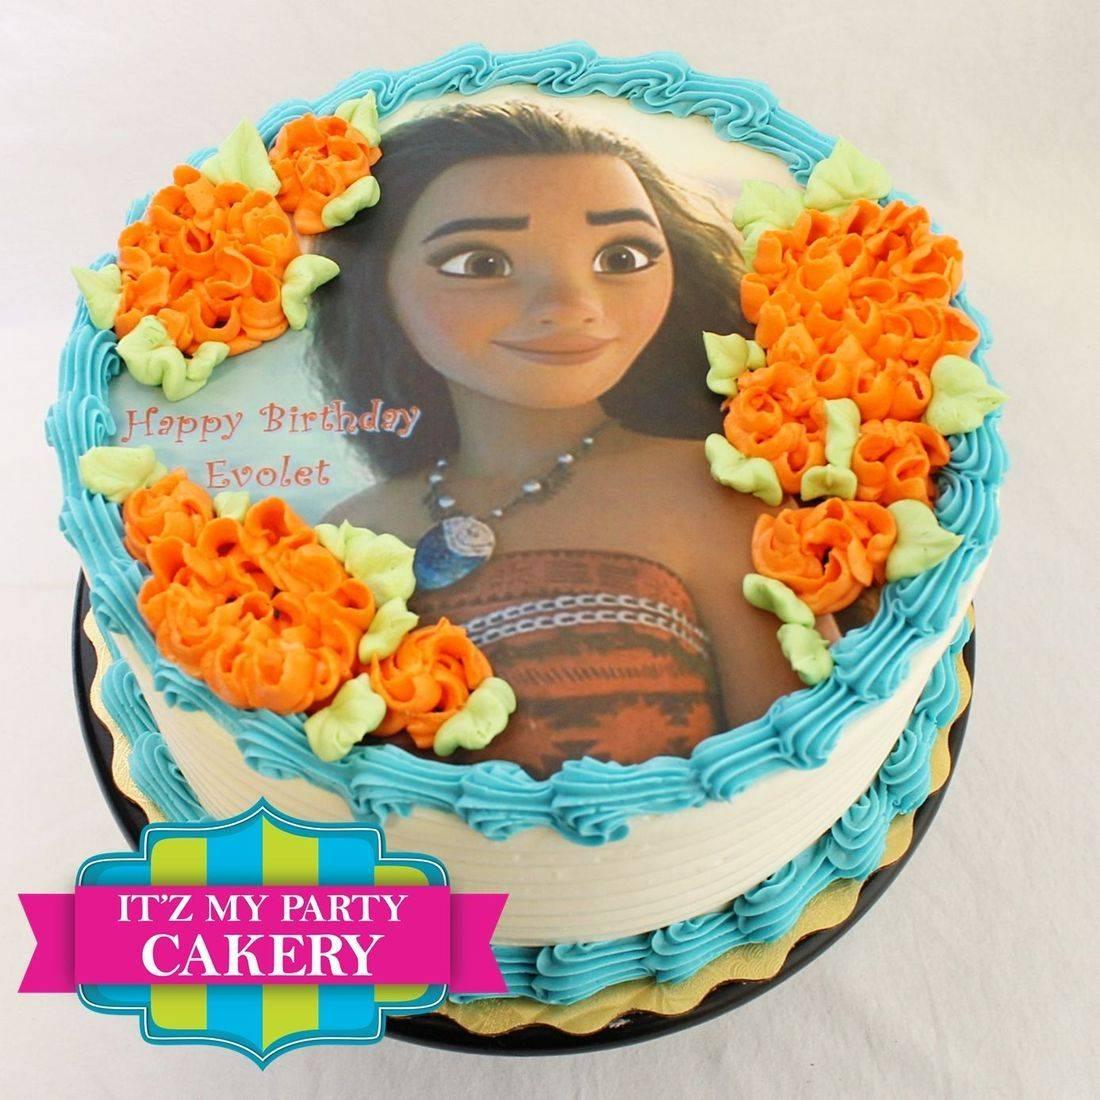 Edible Image Buttercream Cake, Photo Cake